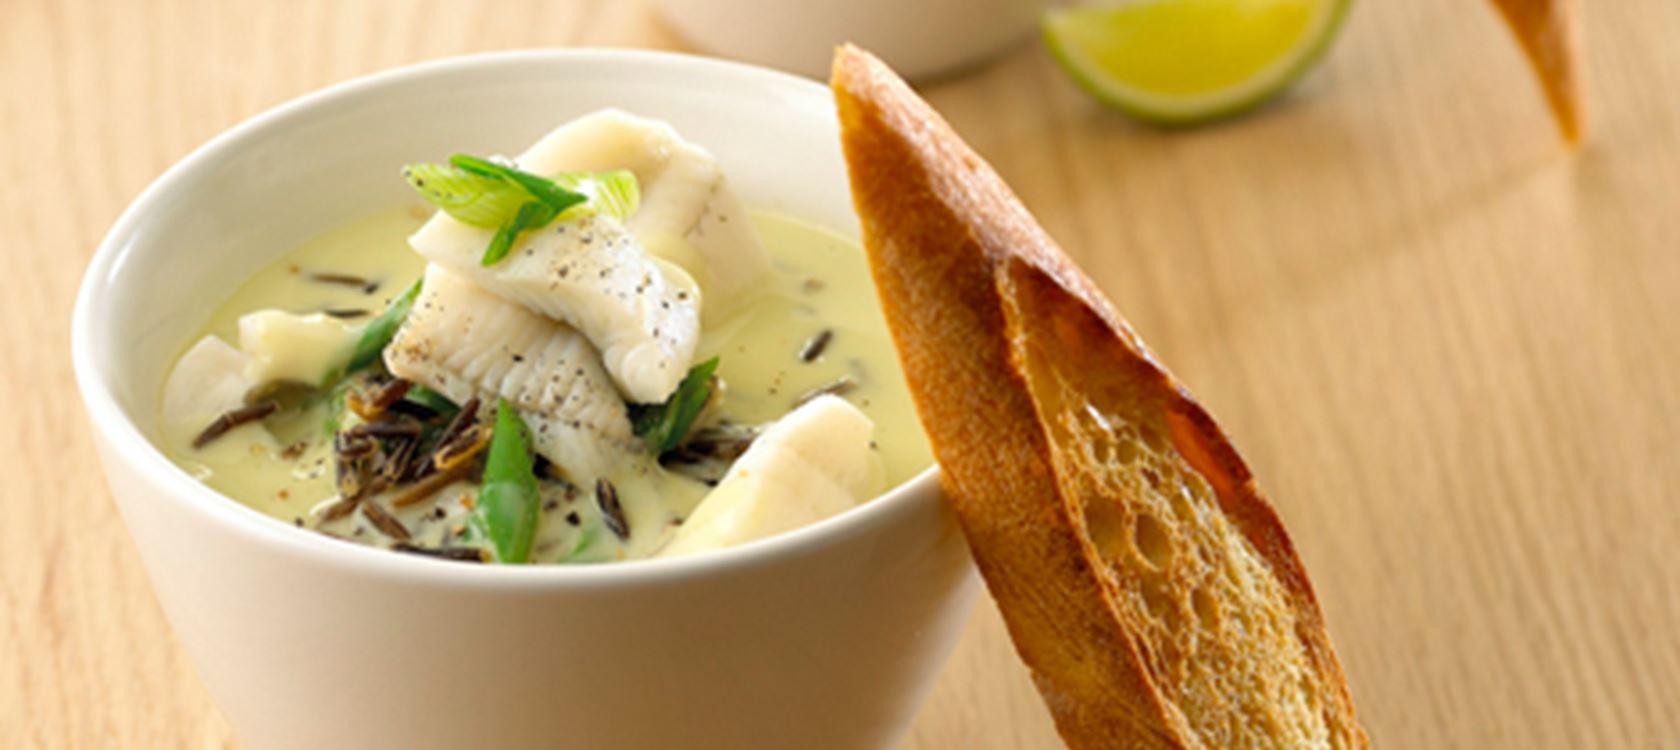 Aspargessuppe med fisk og vilde ris - Opskrifter - Arla